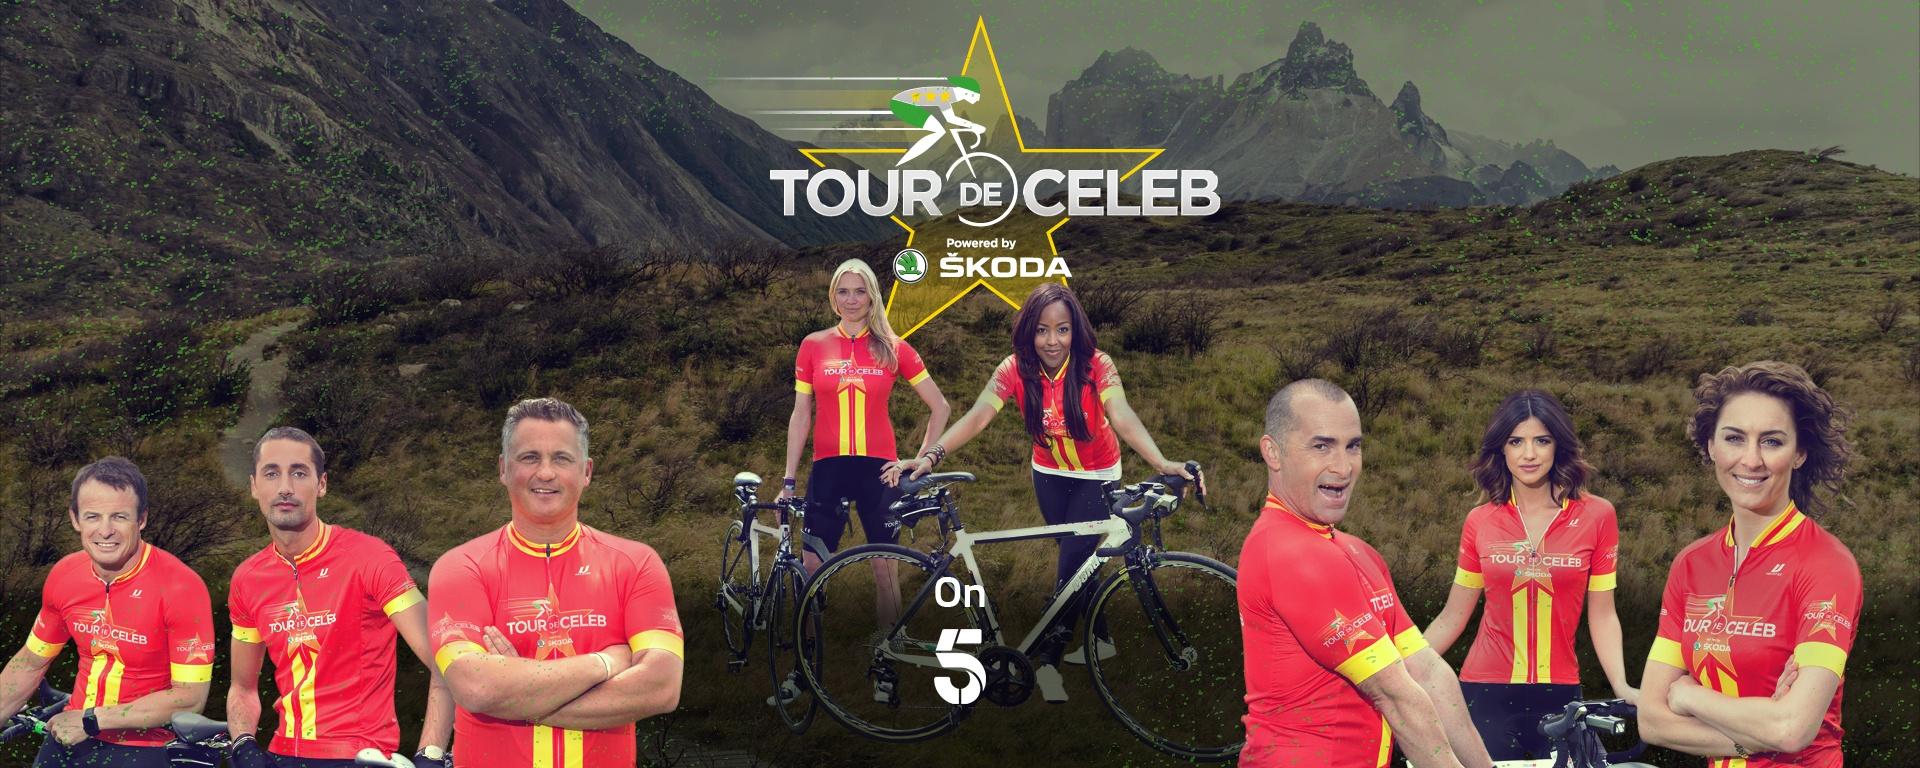 Tour De Celeb